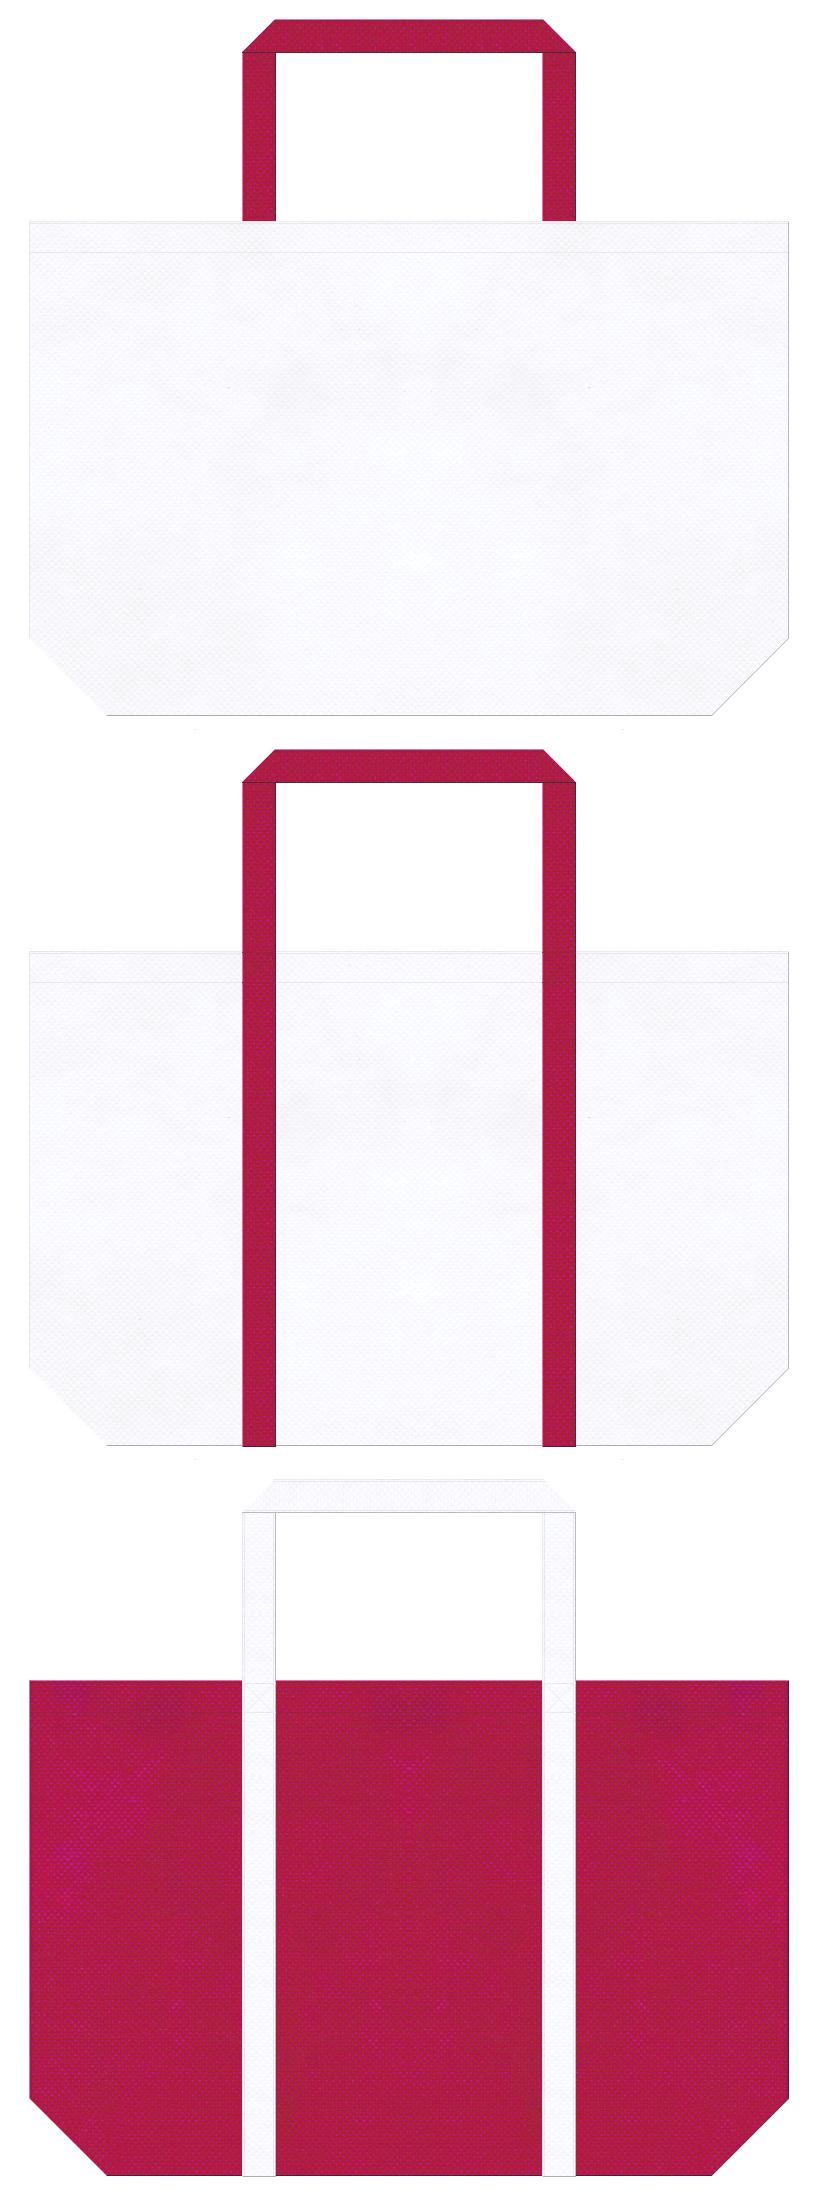 白色と濃いピンク色の不織布ショッピングバッグデザイン:スポーティーなイメージにお奨めの配色です。